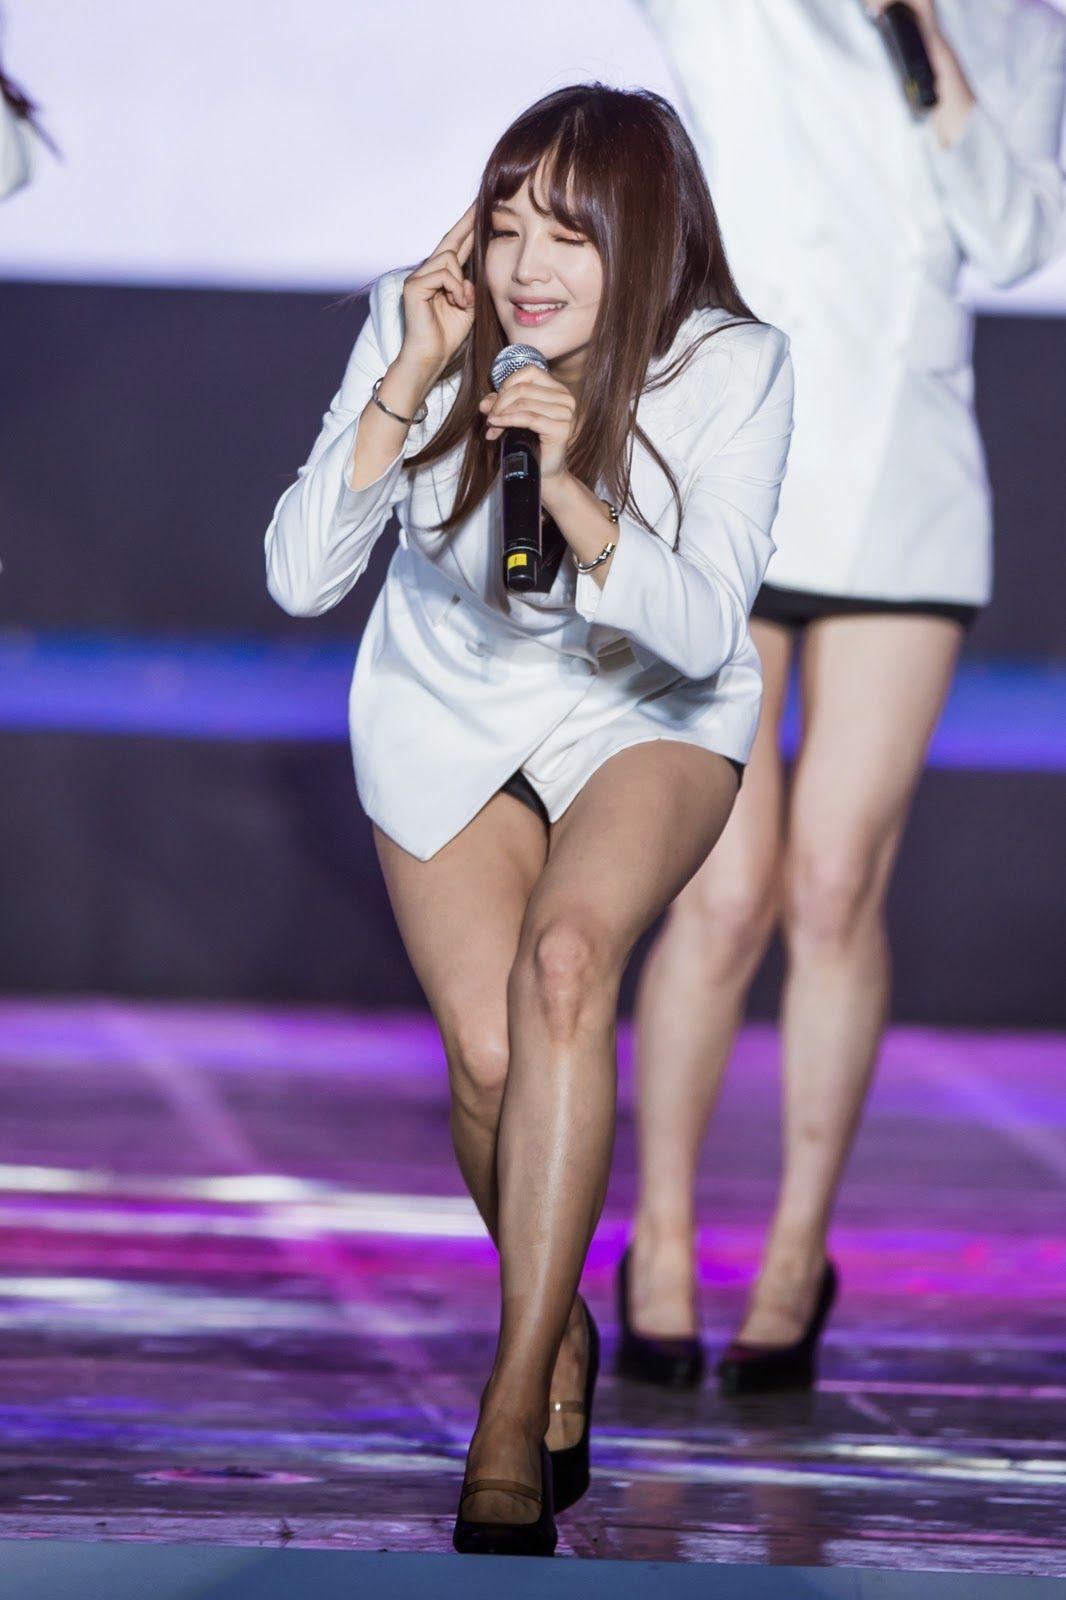 Rainbow Jaekyung Kpop Girls Dance Performance Legs